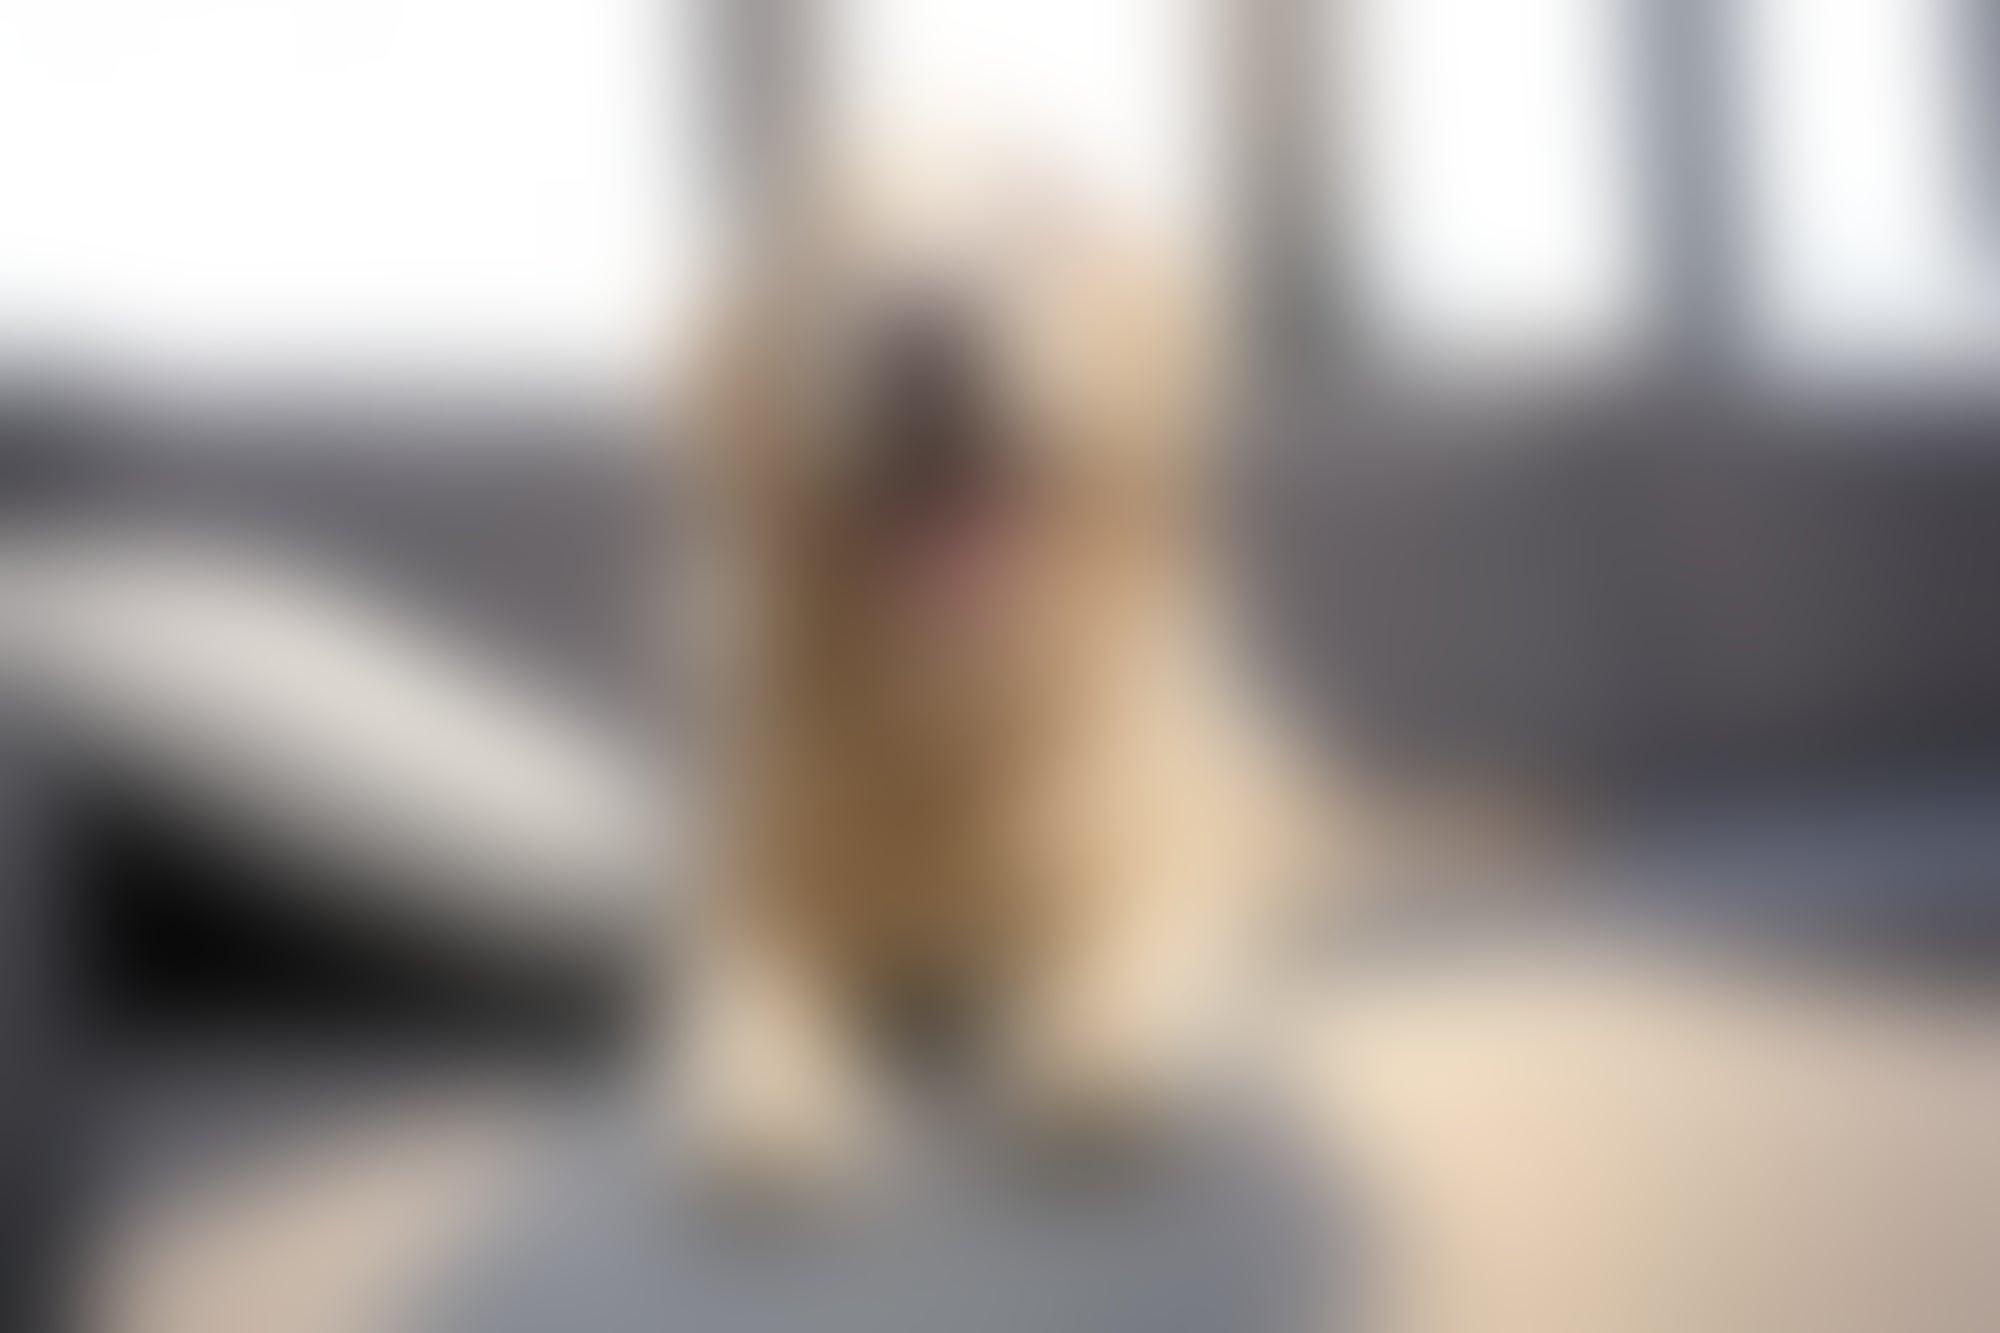 DogHero levanta 7 millones de dólares en inversión